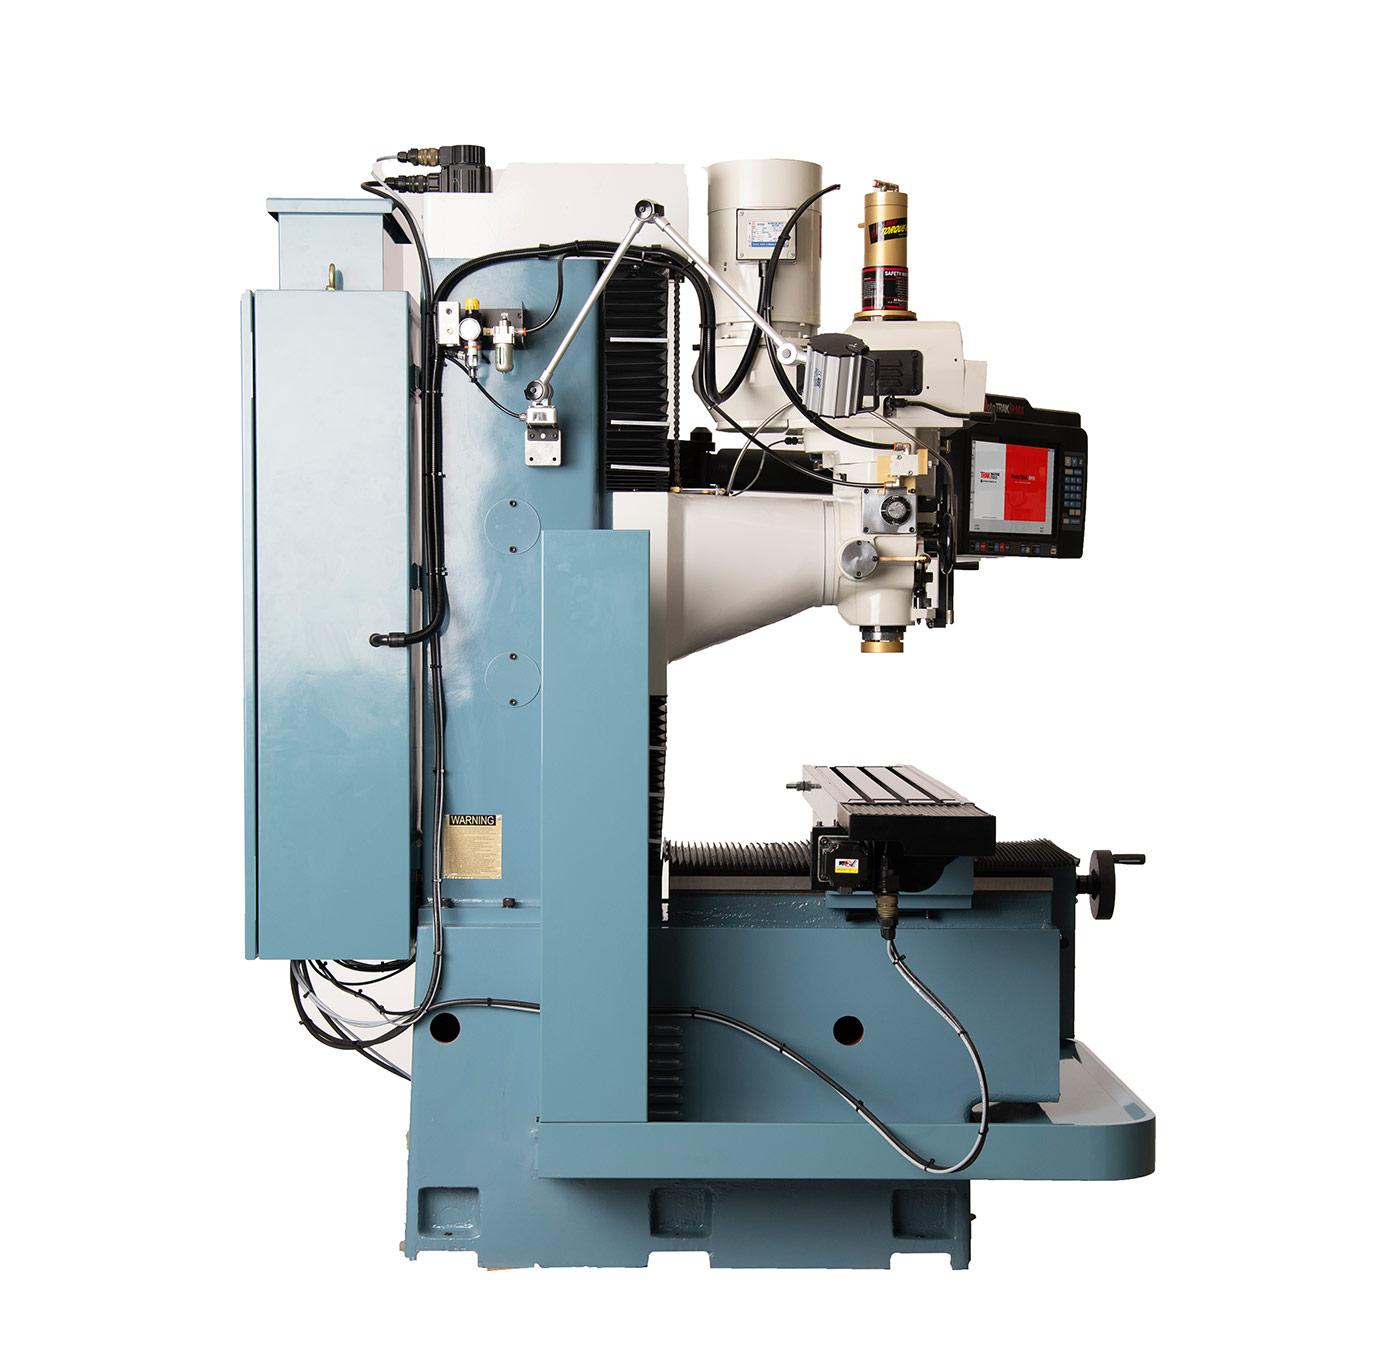 TRAK DPM RX3 Bed Mill